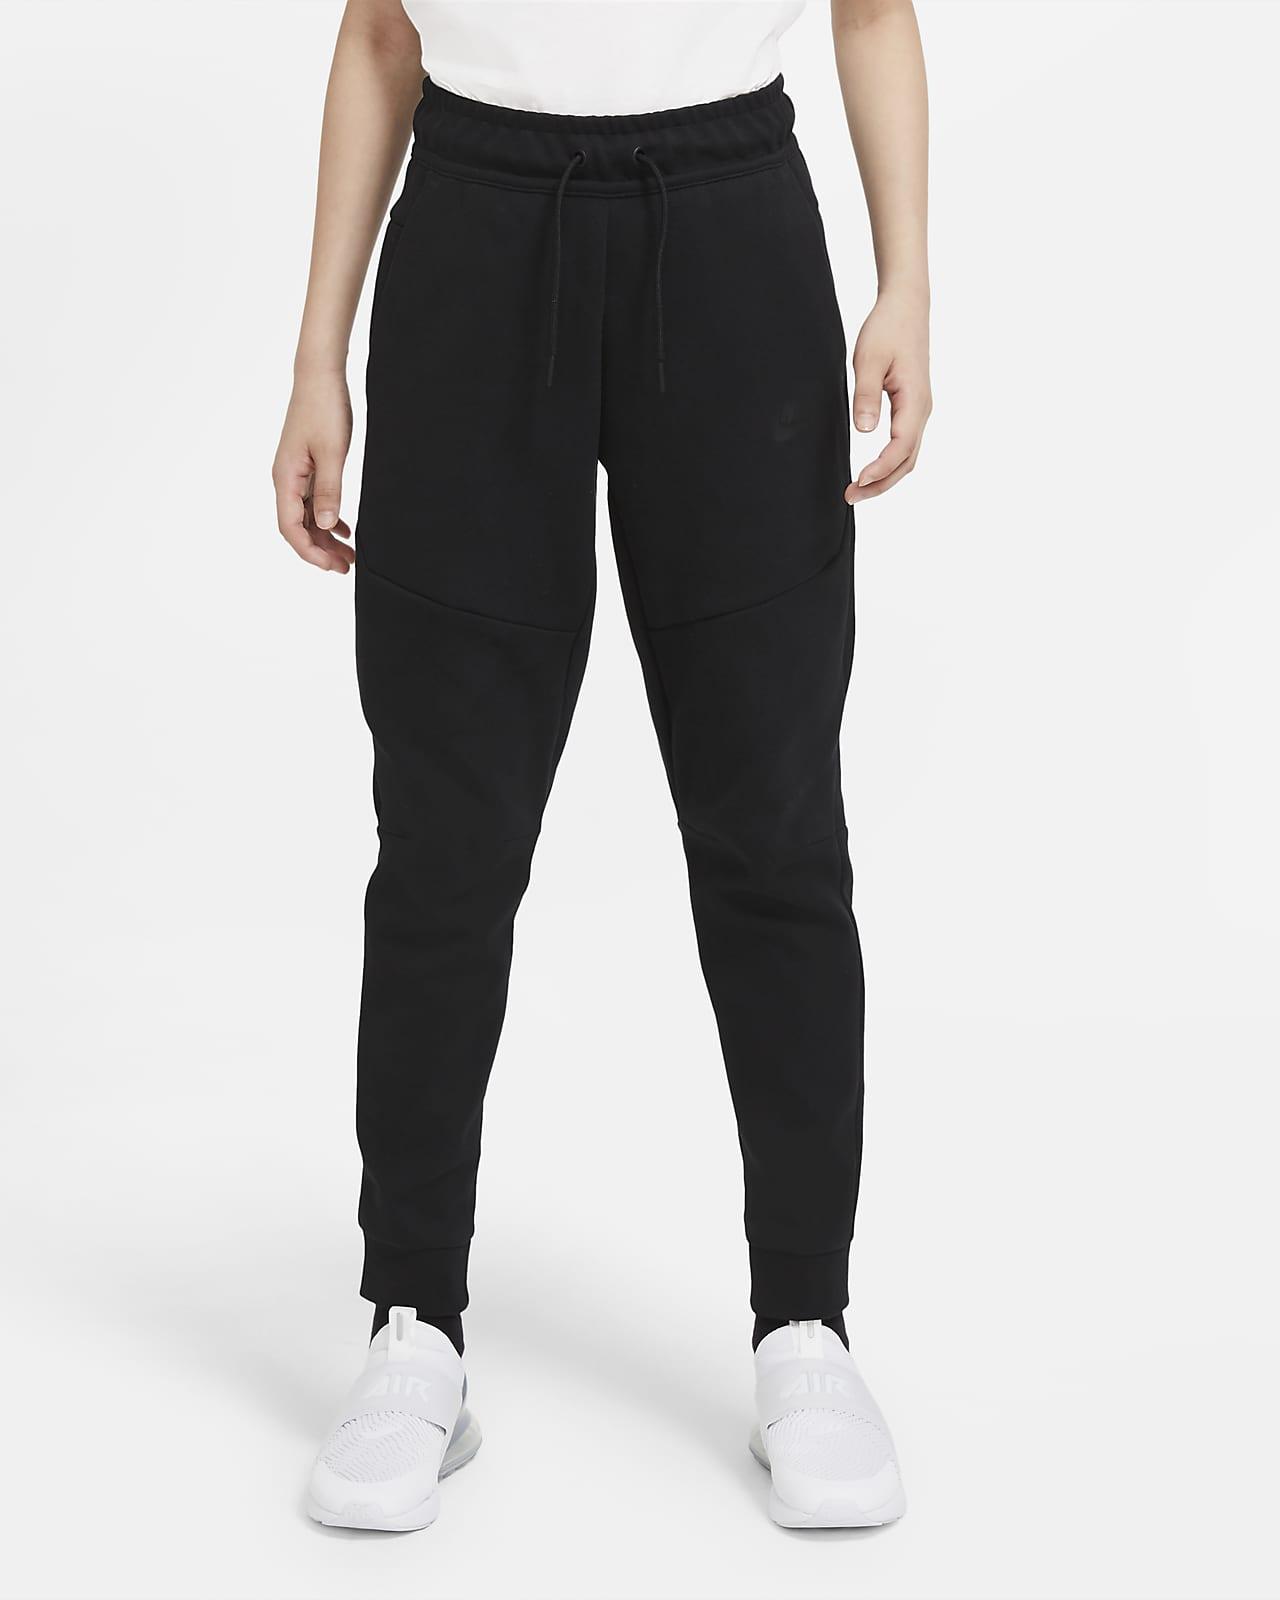 Nike Sportswear Tech Fleece Big Kids (Boys') Pants